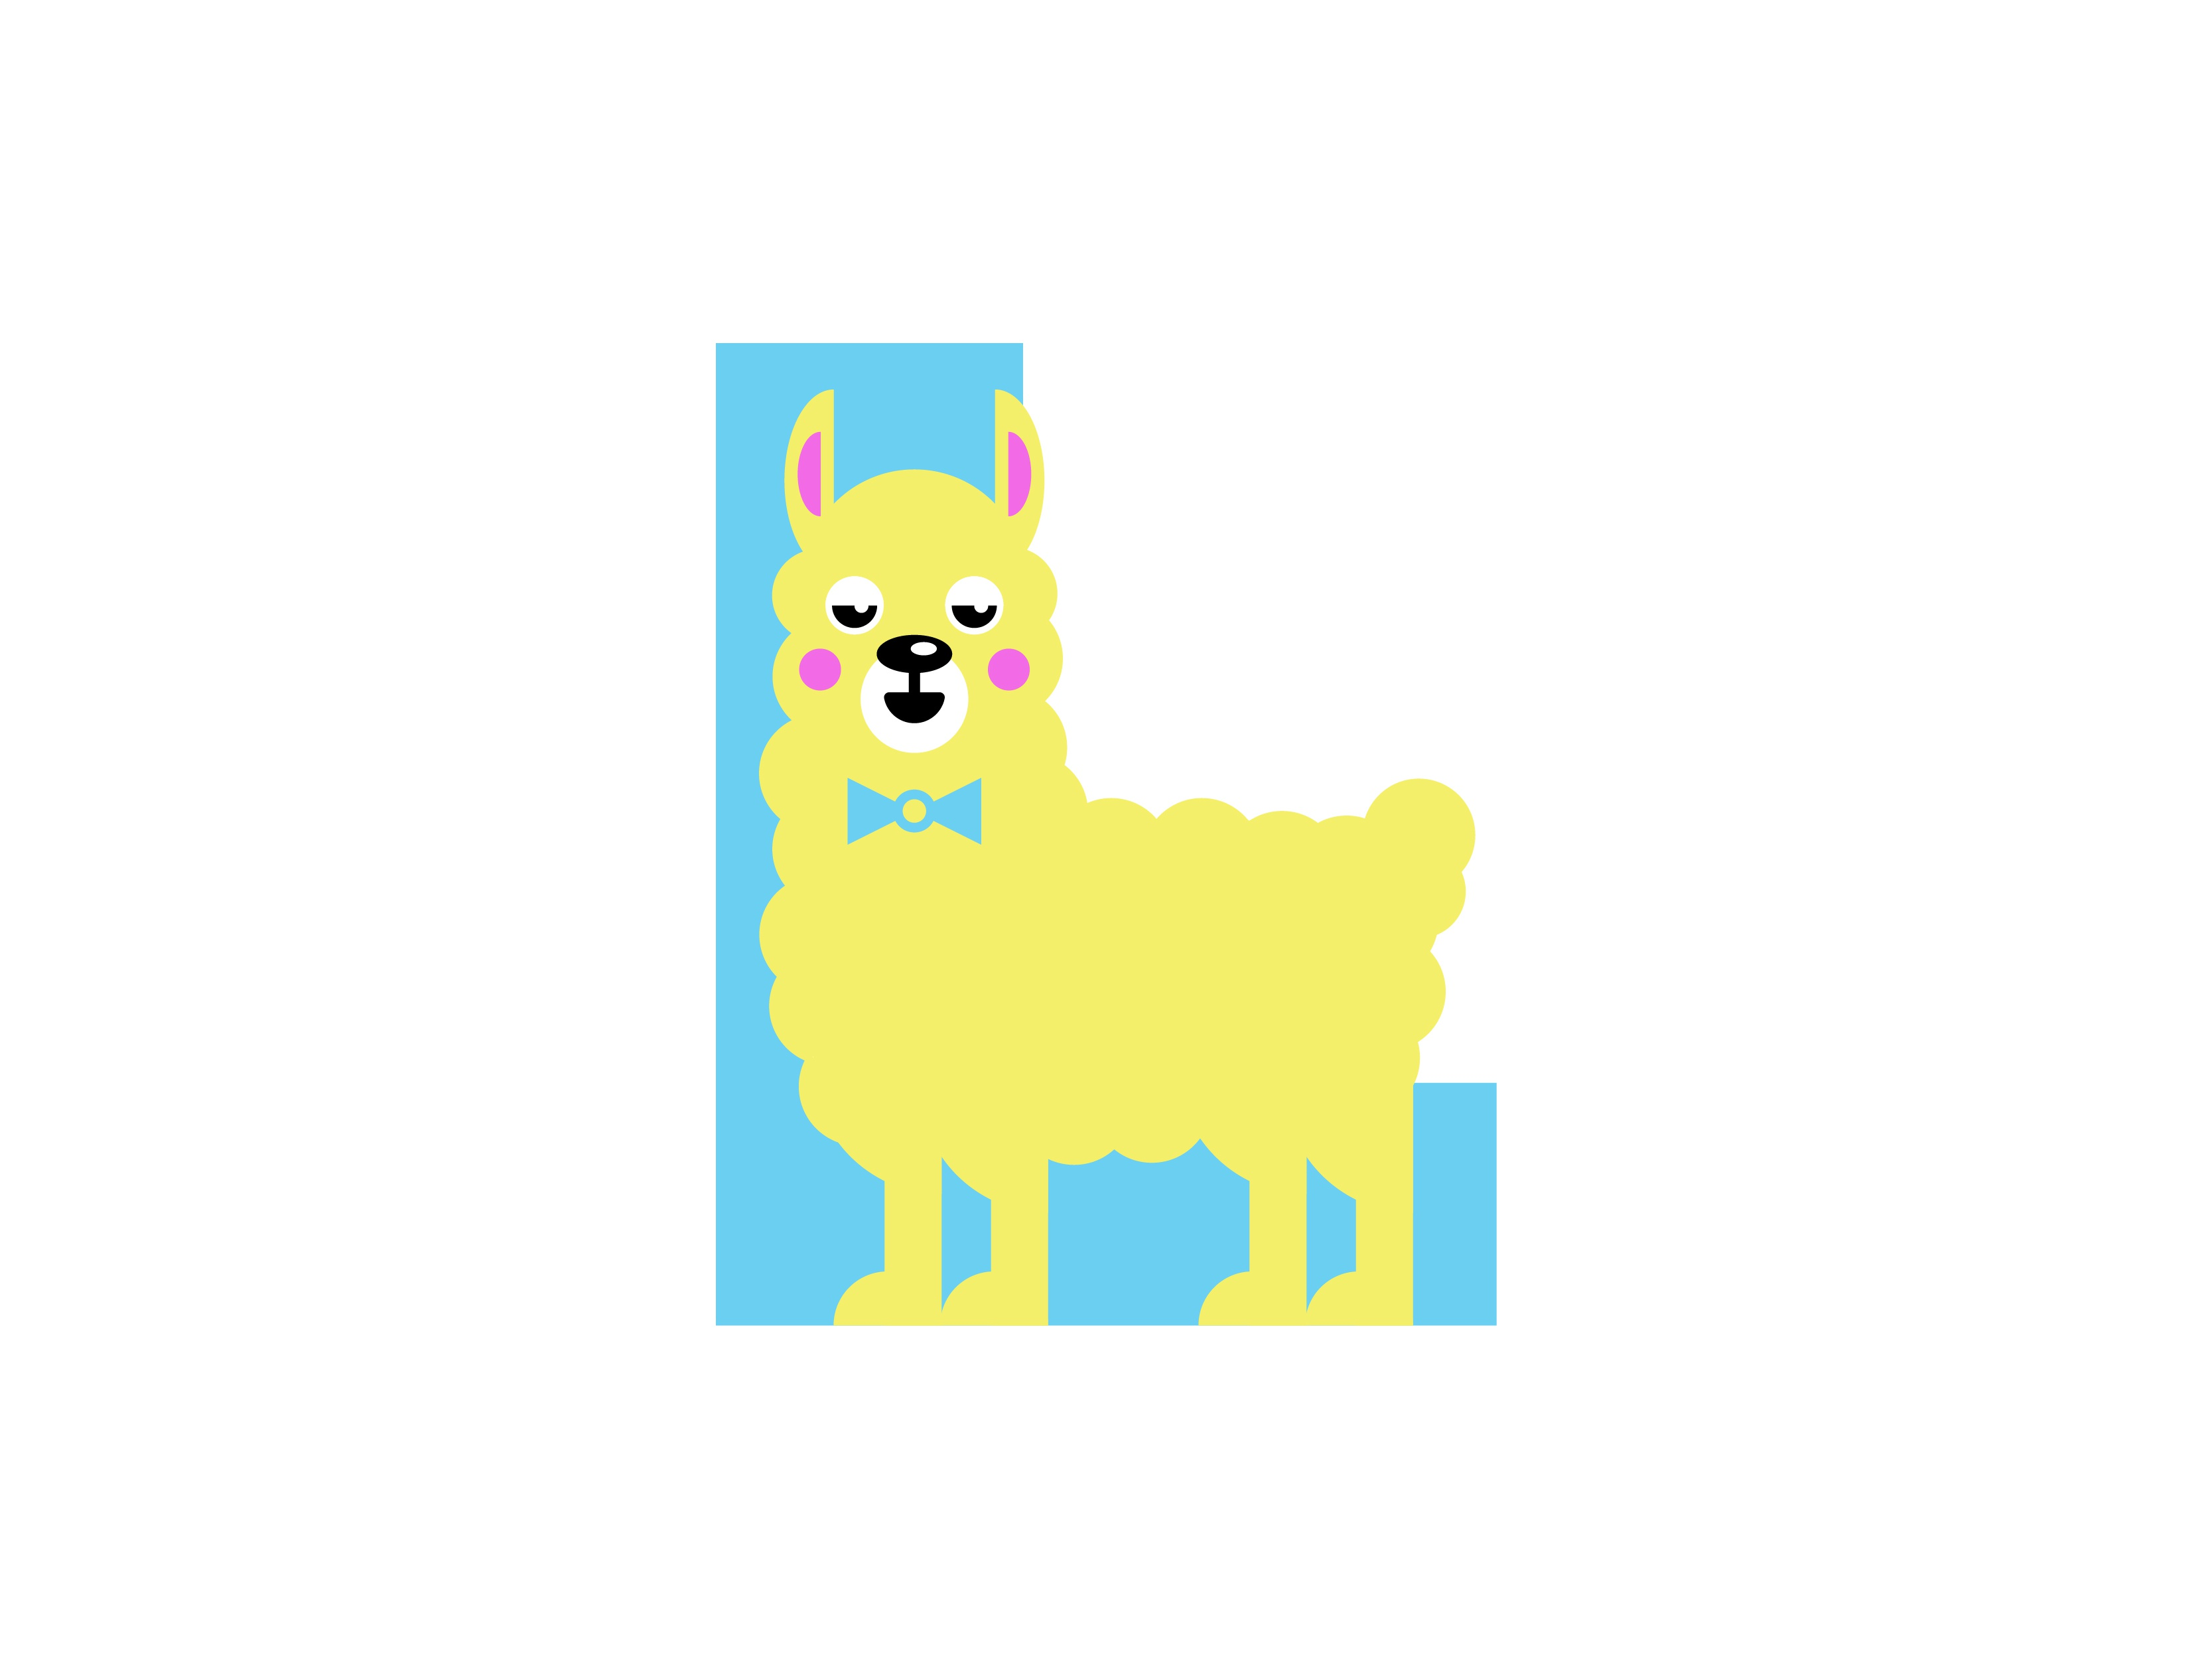 L llama dribbble